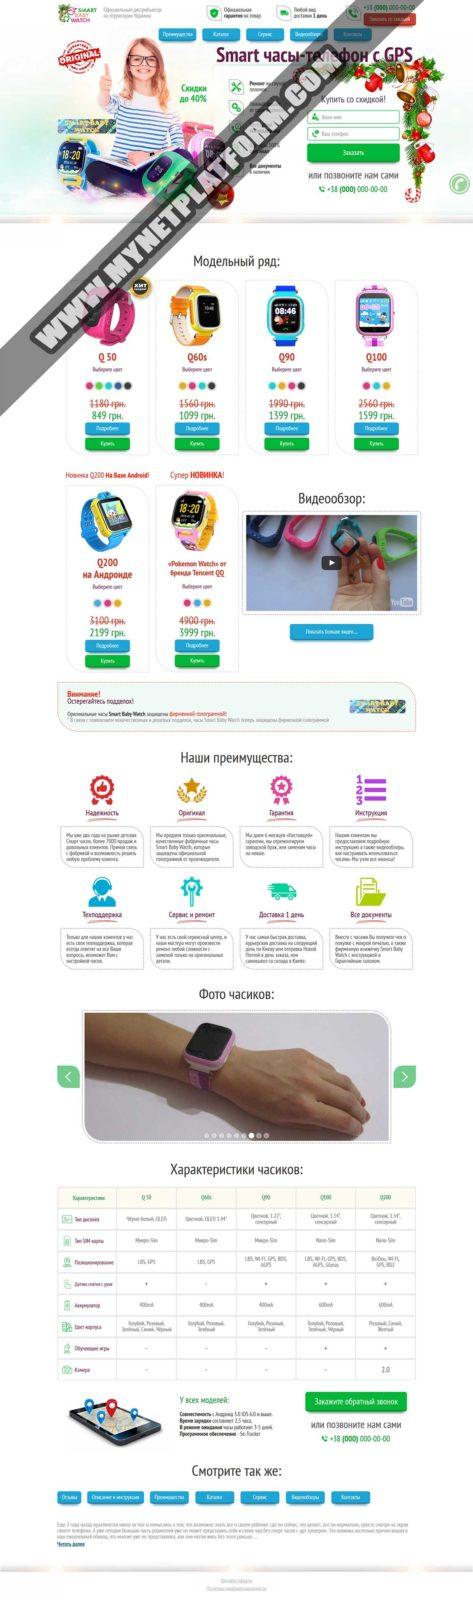 Скриншот готового мультилендинга Smart Baby Watch 003